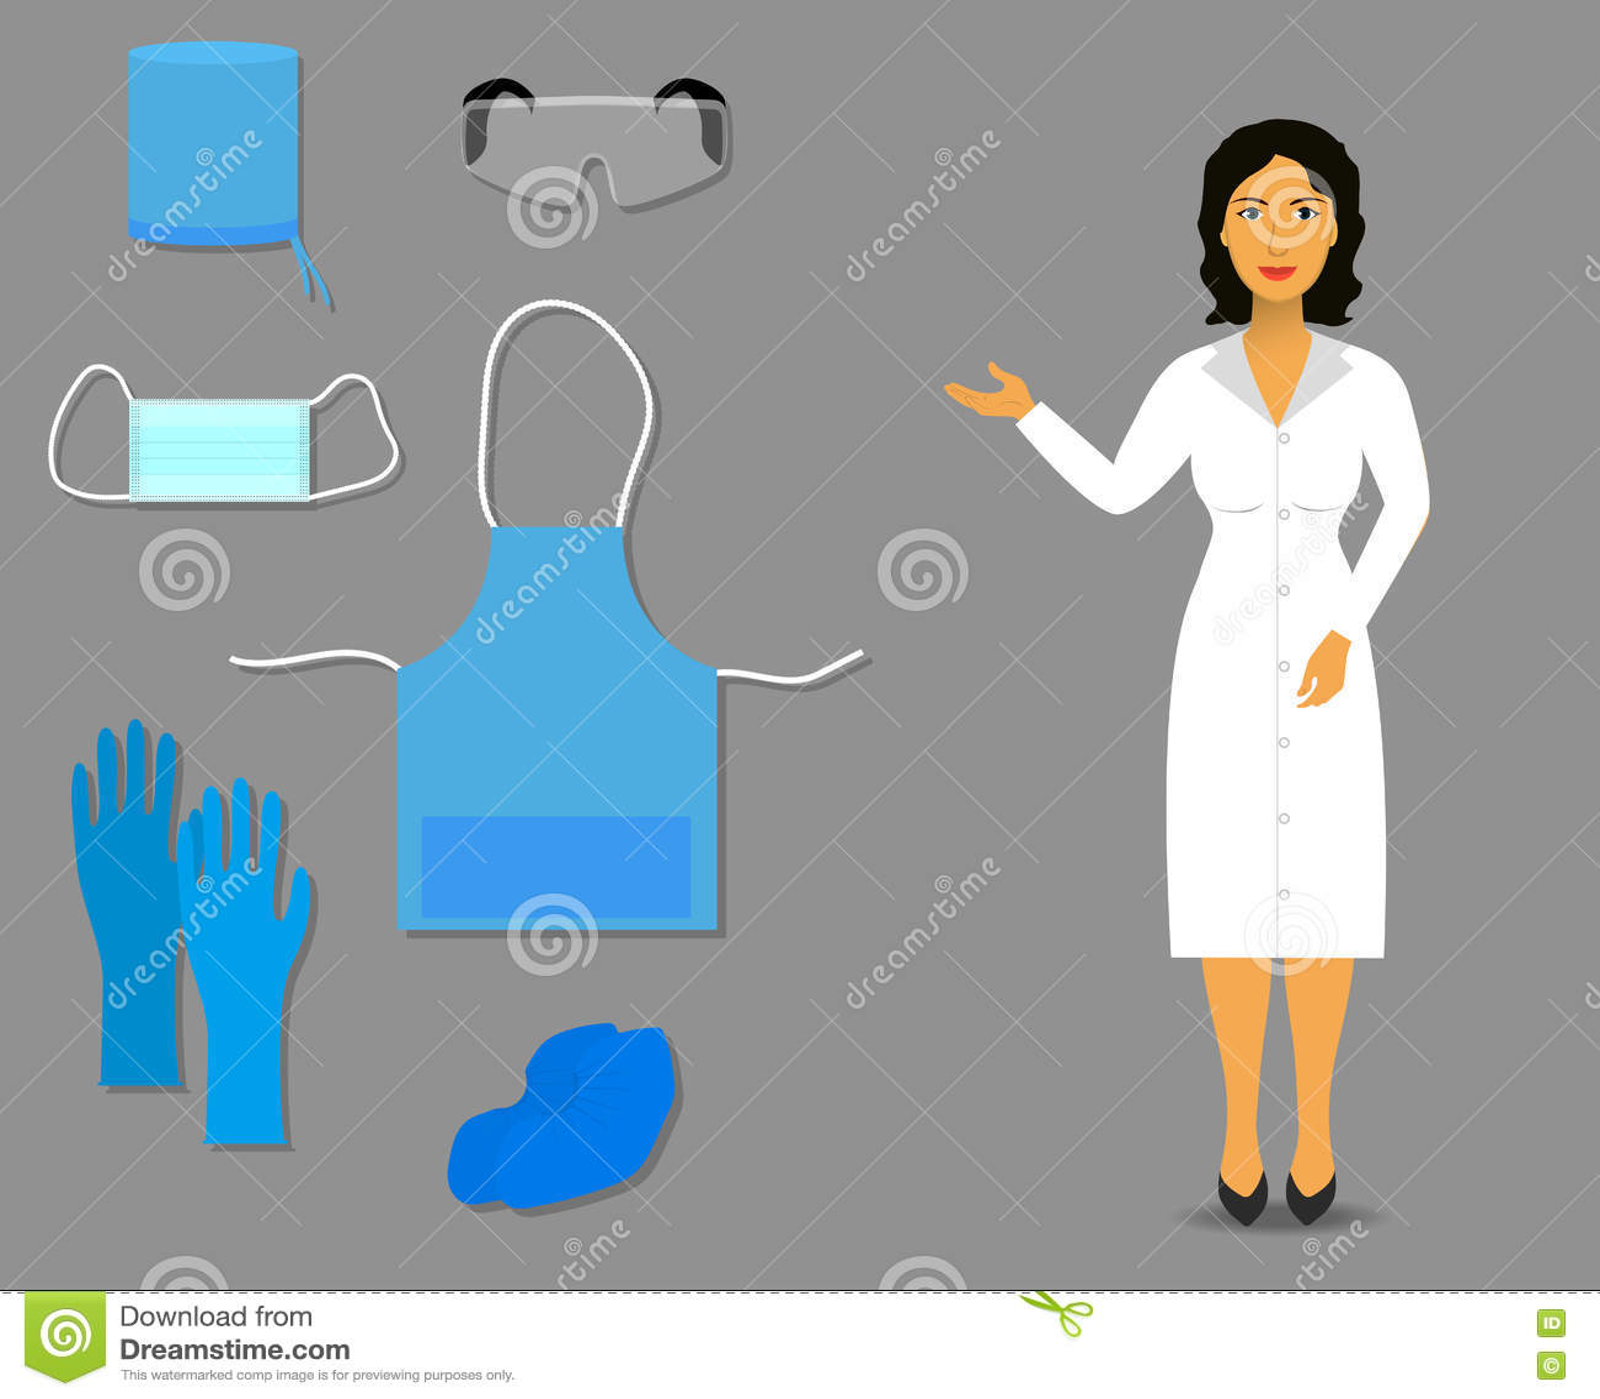 Η νοσοκόμα παρουσιάζει τον ιατρικούς ιματισμό και εξαρτήματα για την εργασία